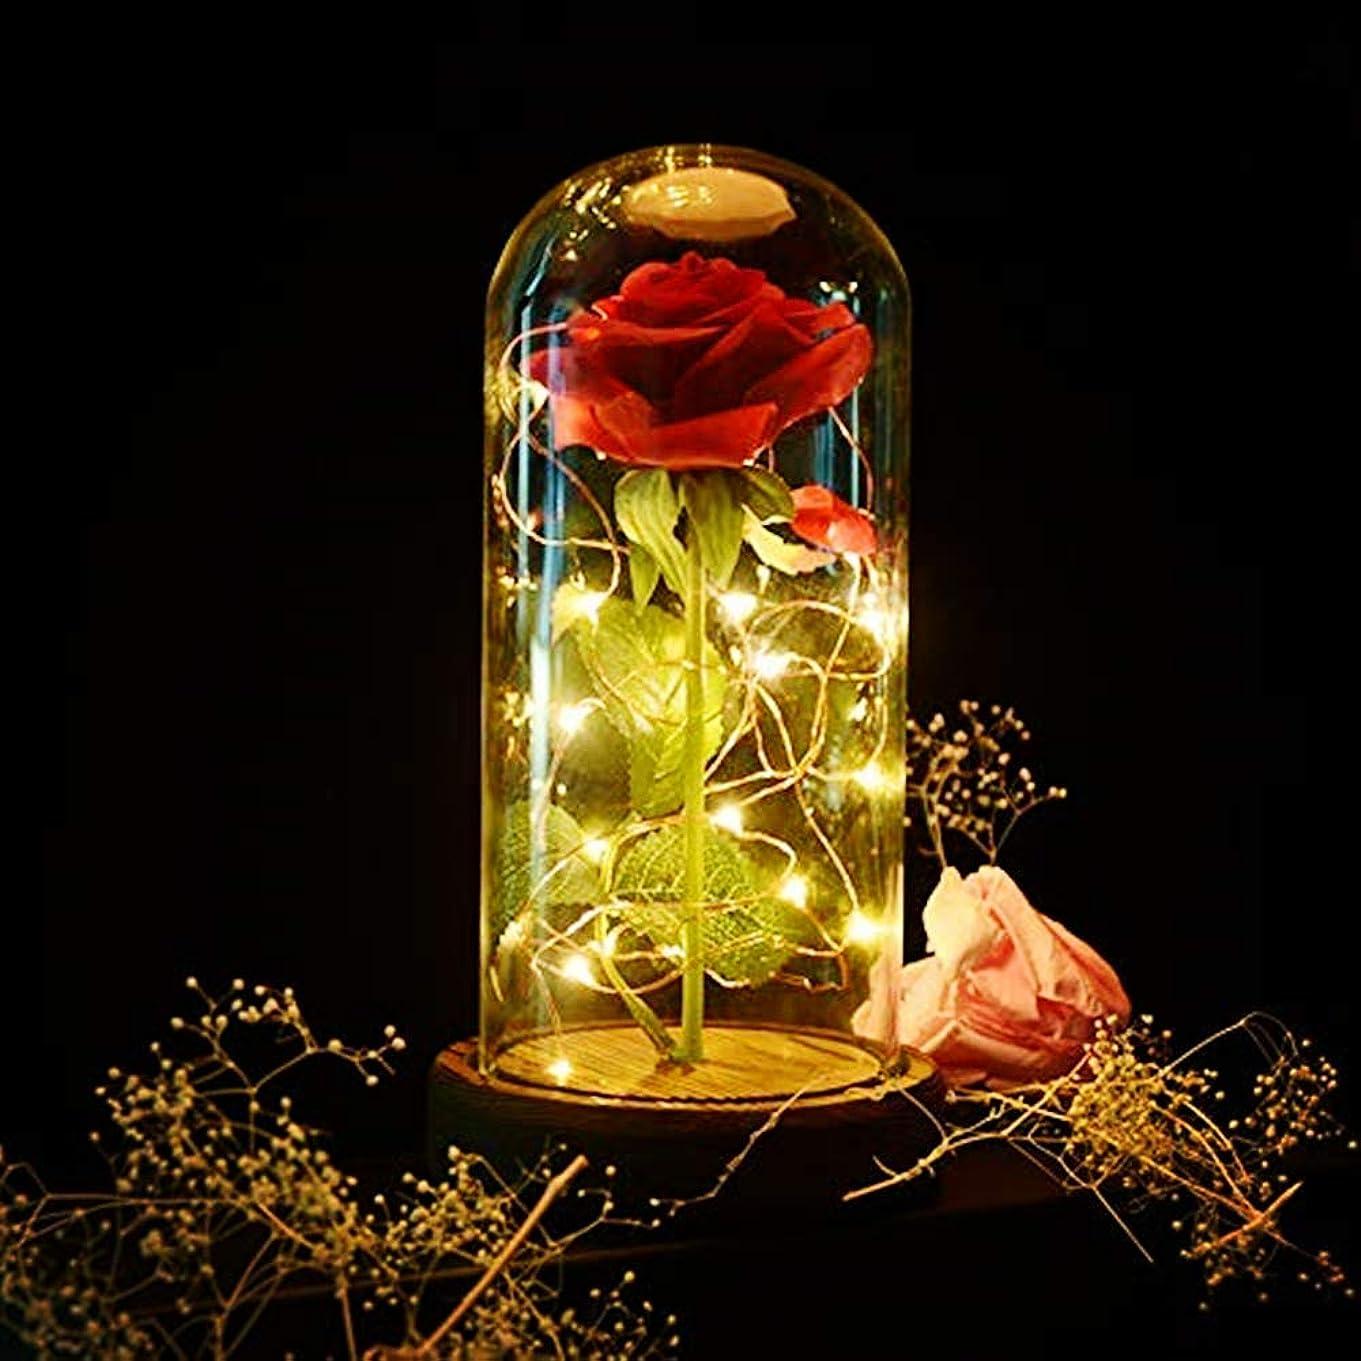 使役それに応じてカウントShirylzee バラ LED 造花 ライト キラキラ ローズ ライト 電池式 雰囲気作り バレンタイ ホワイトデー 用 ギフト インテリア飾り 母の日、クリスマス、誕生日、記念日、結婚式 お祝い 贈り物 プレゼント 永遠の愛 (ライト/木製ベース/ガラスカバー)